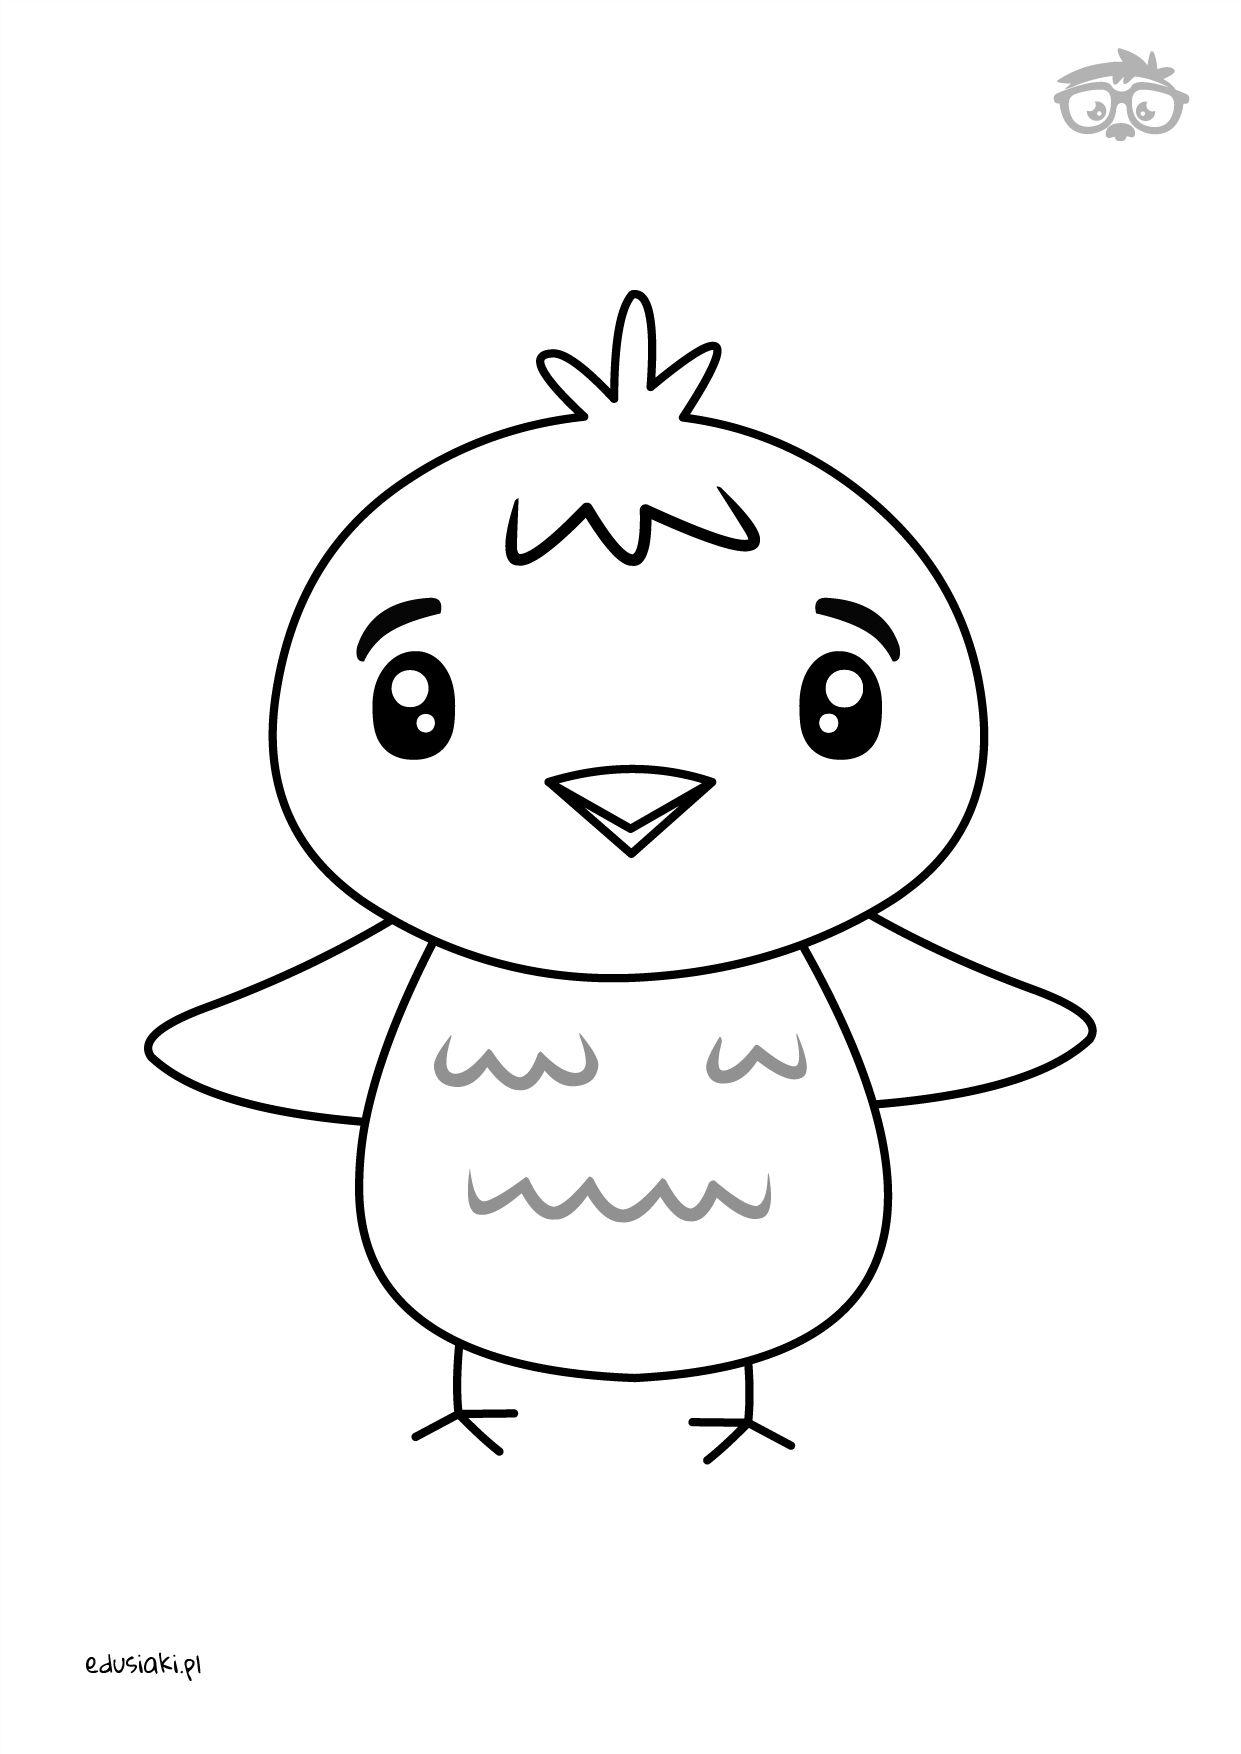 Kolorowanka Kurczak Naukarysowania Dladzieci Edusiaki